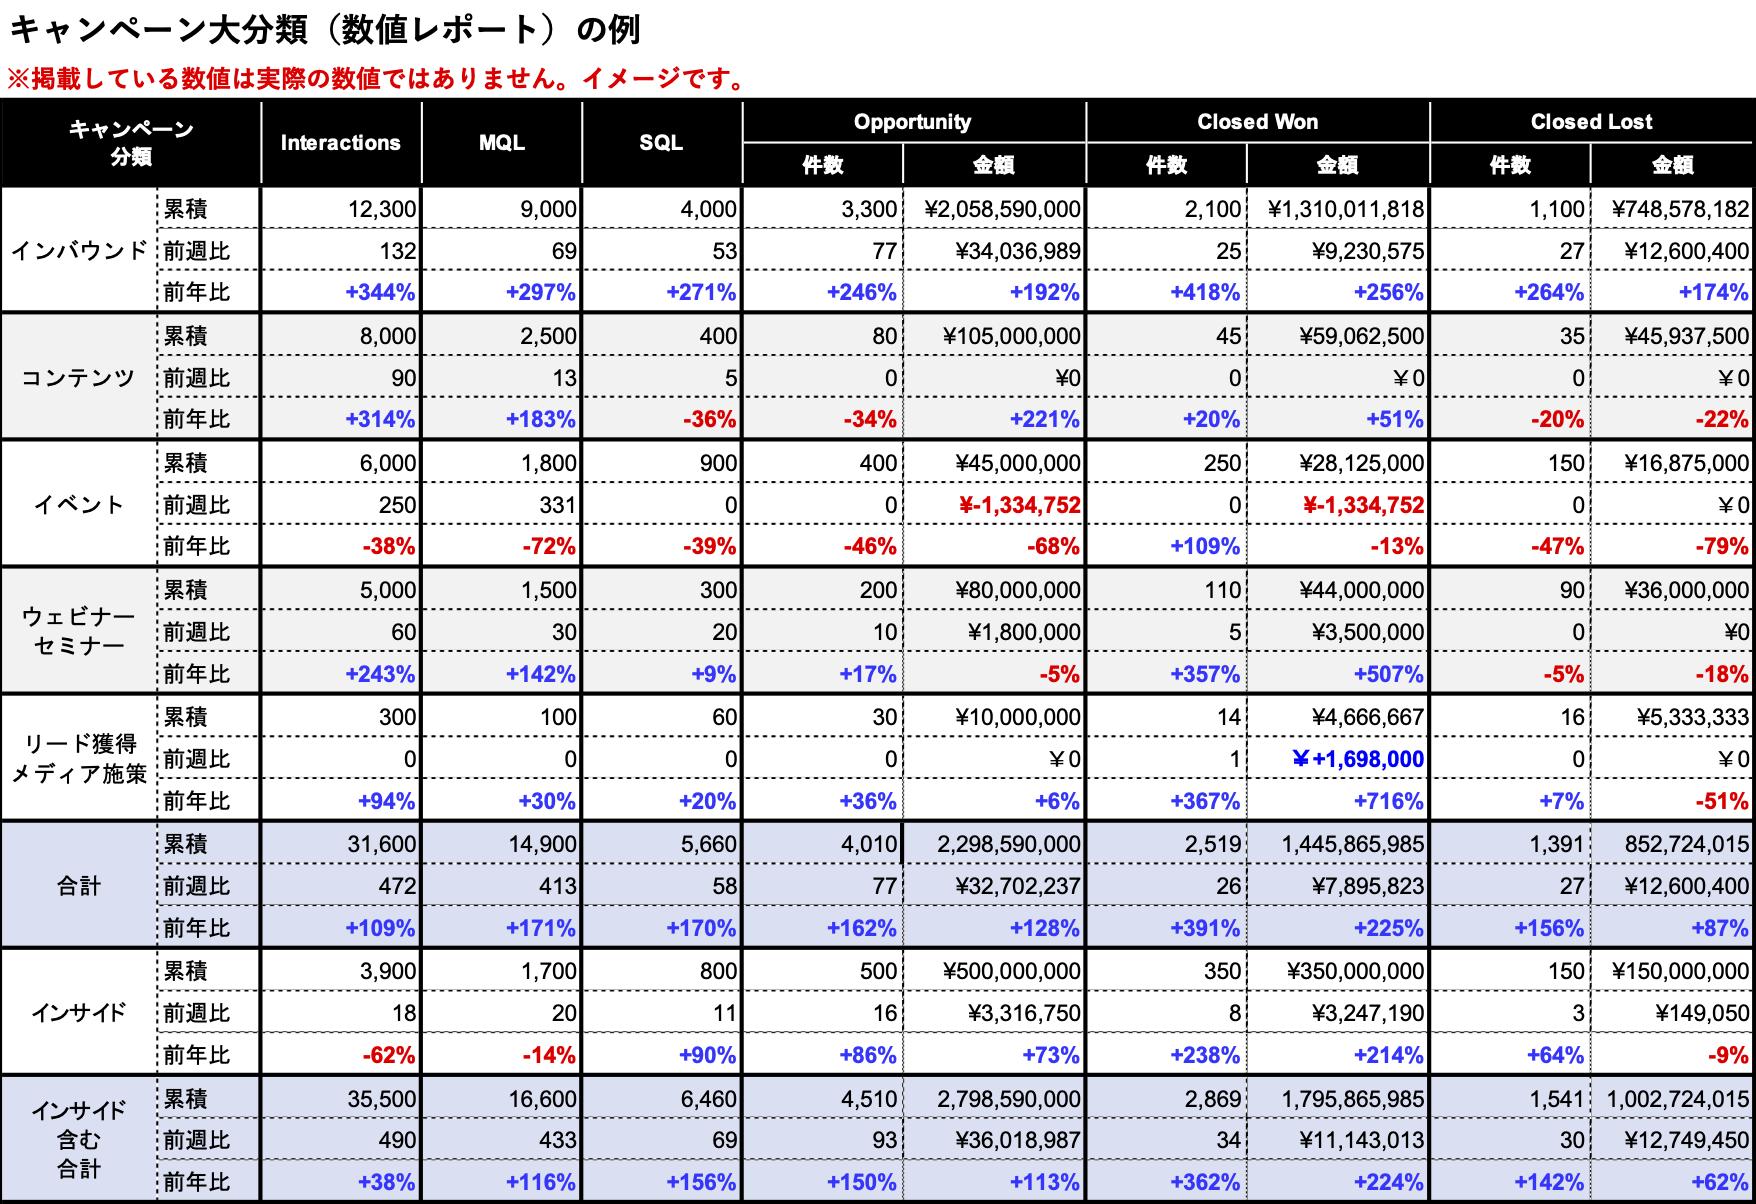 キャンペーン大分類別の数値レポート(例)